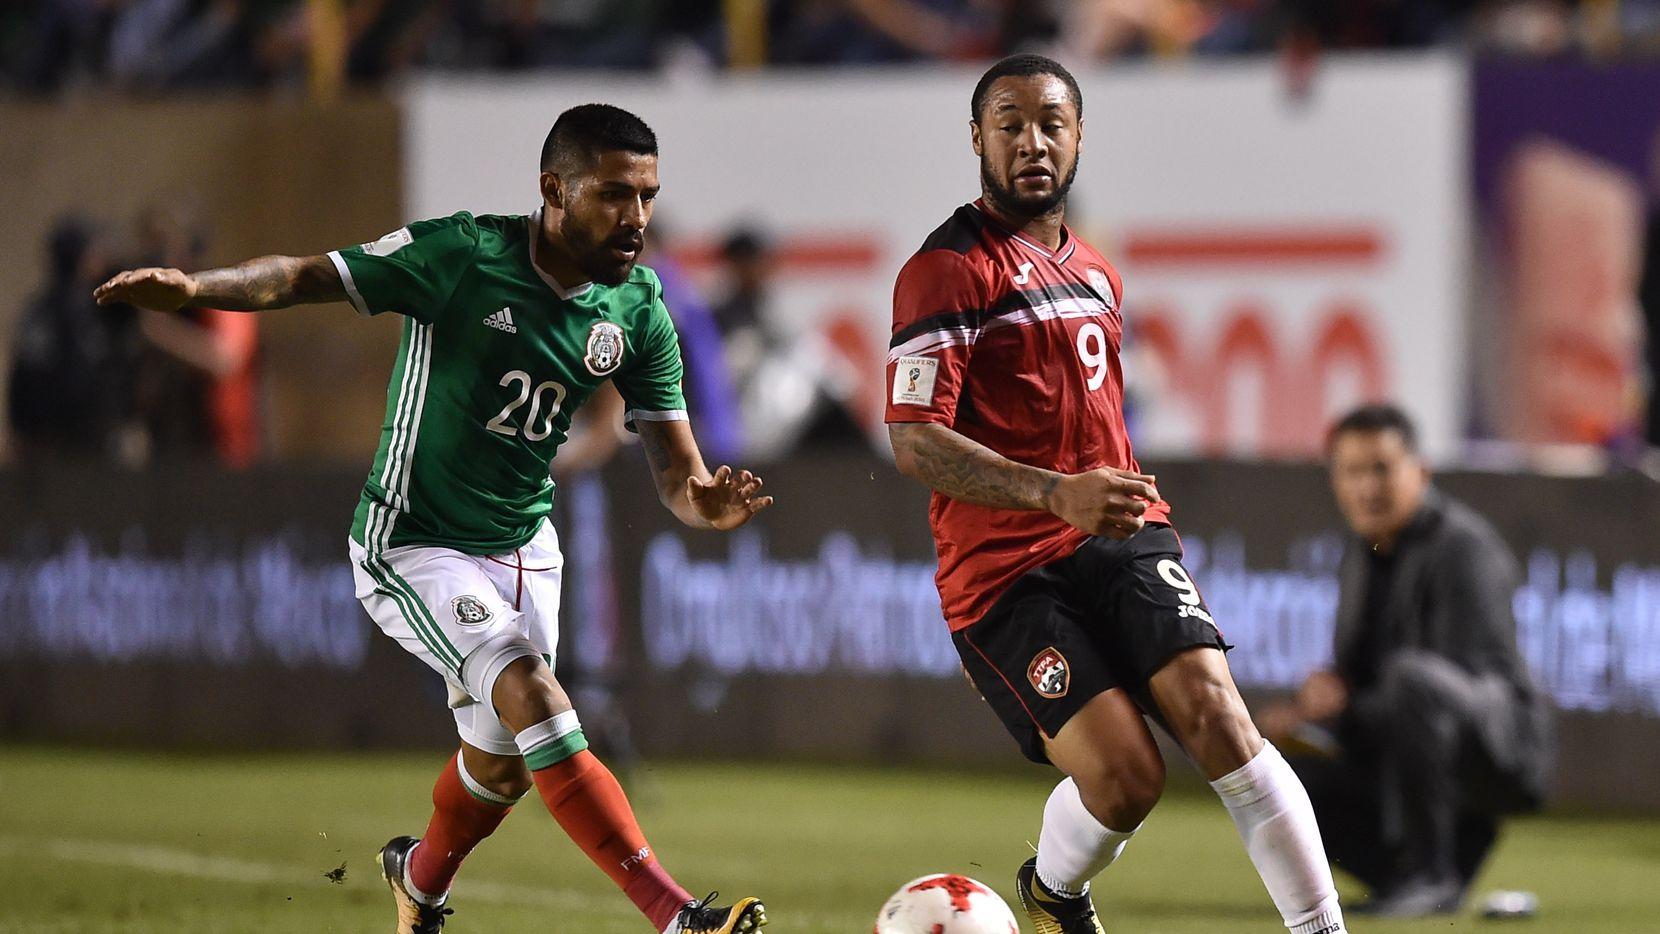 Javier Aquino (izq.) de México disputa el balón con el delantero de Trinidad y   Tobago Shahdon Winchester durante un partido clasificatorio para el Mundial de Rusia 2018.